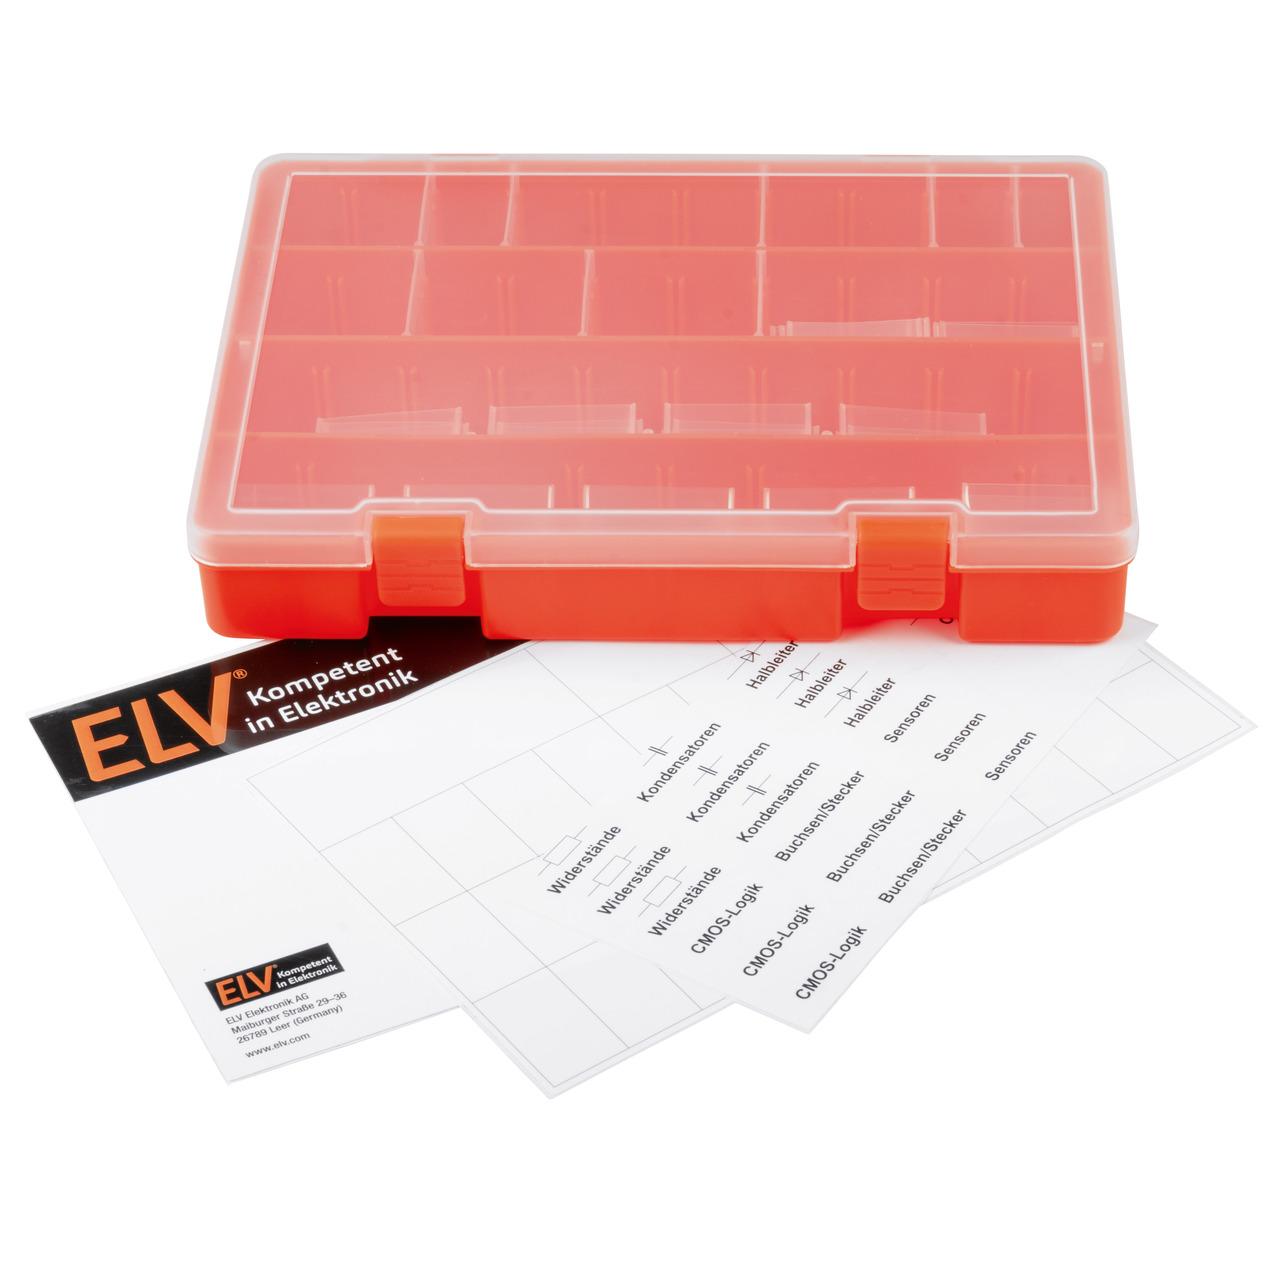 ELV Aufbewahrungsbox für Kleinteile PAD-BOX